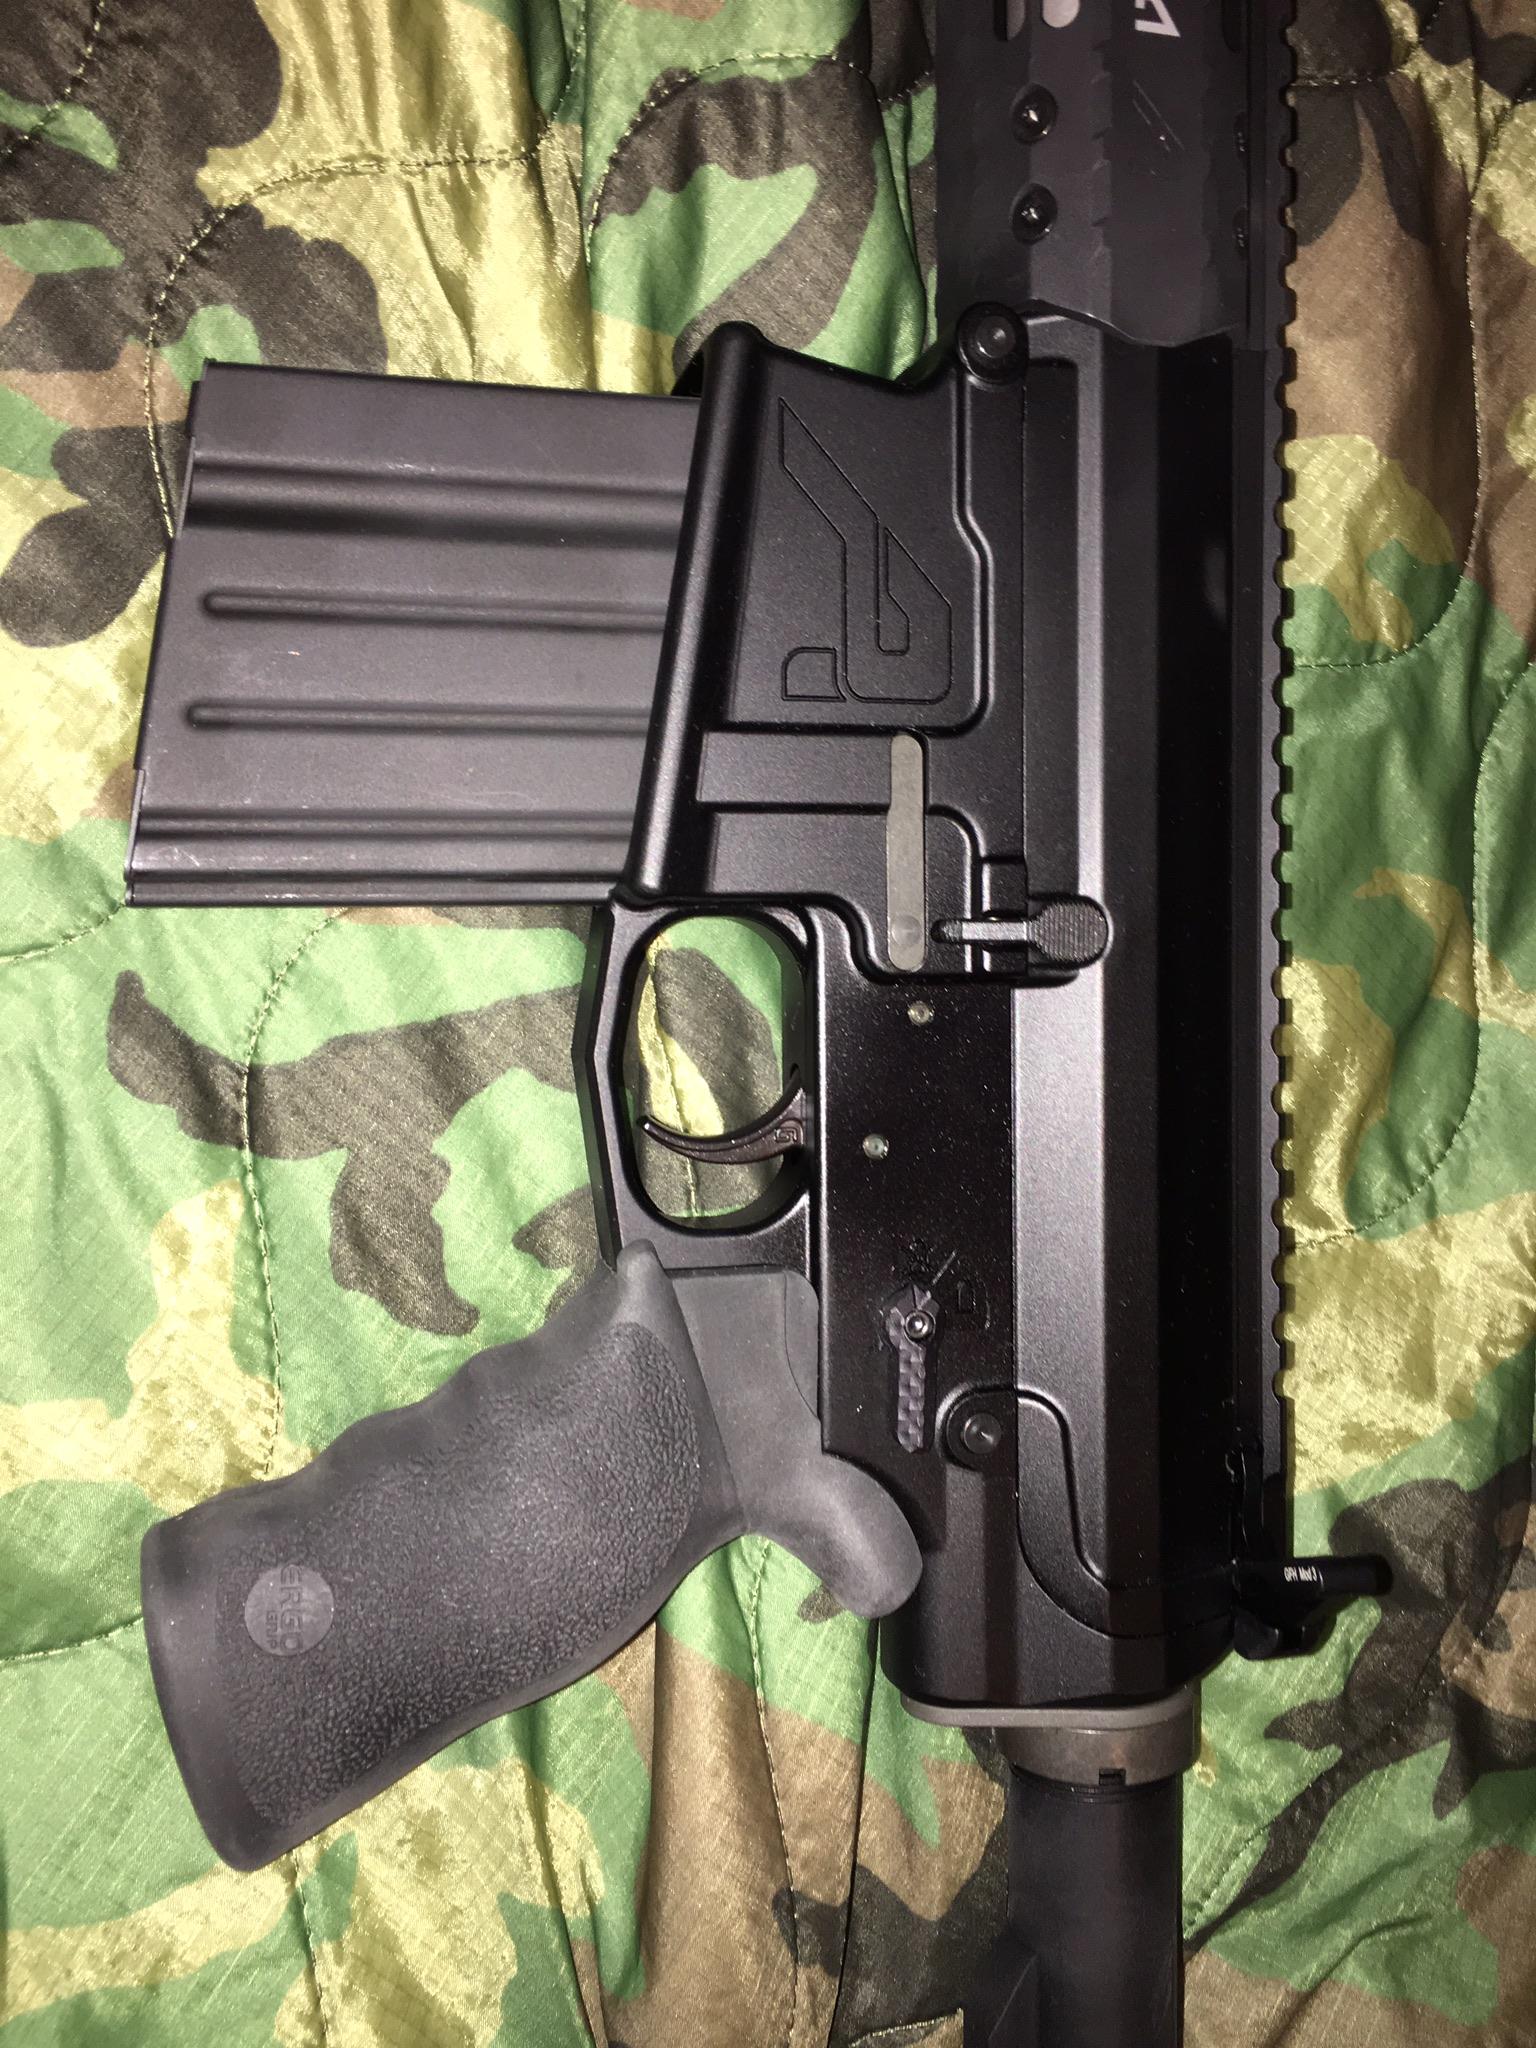 6.5 Creedmoor AR10-7882ddb5-dc3d-4d40-bd31-9d0adfabed0c.jpeg